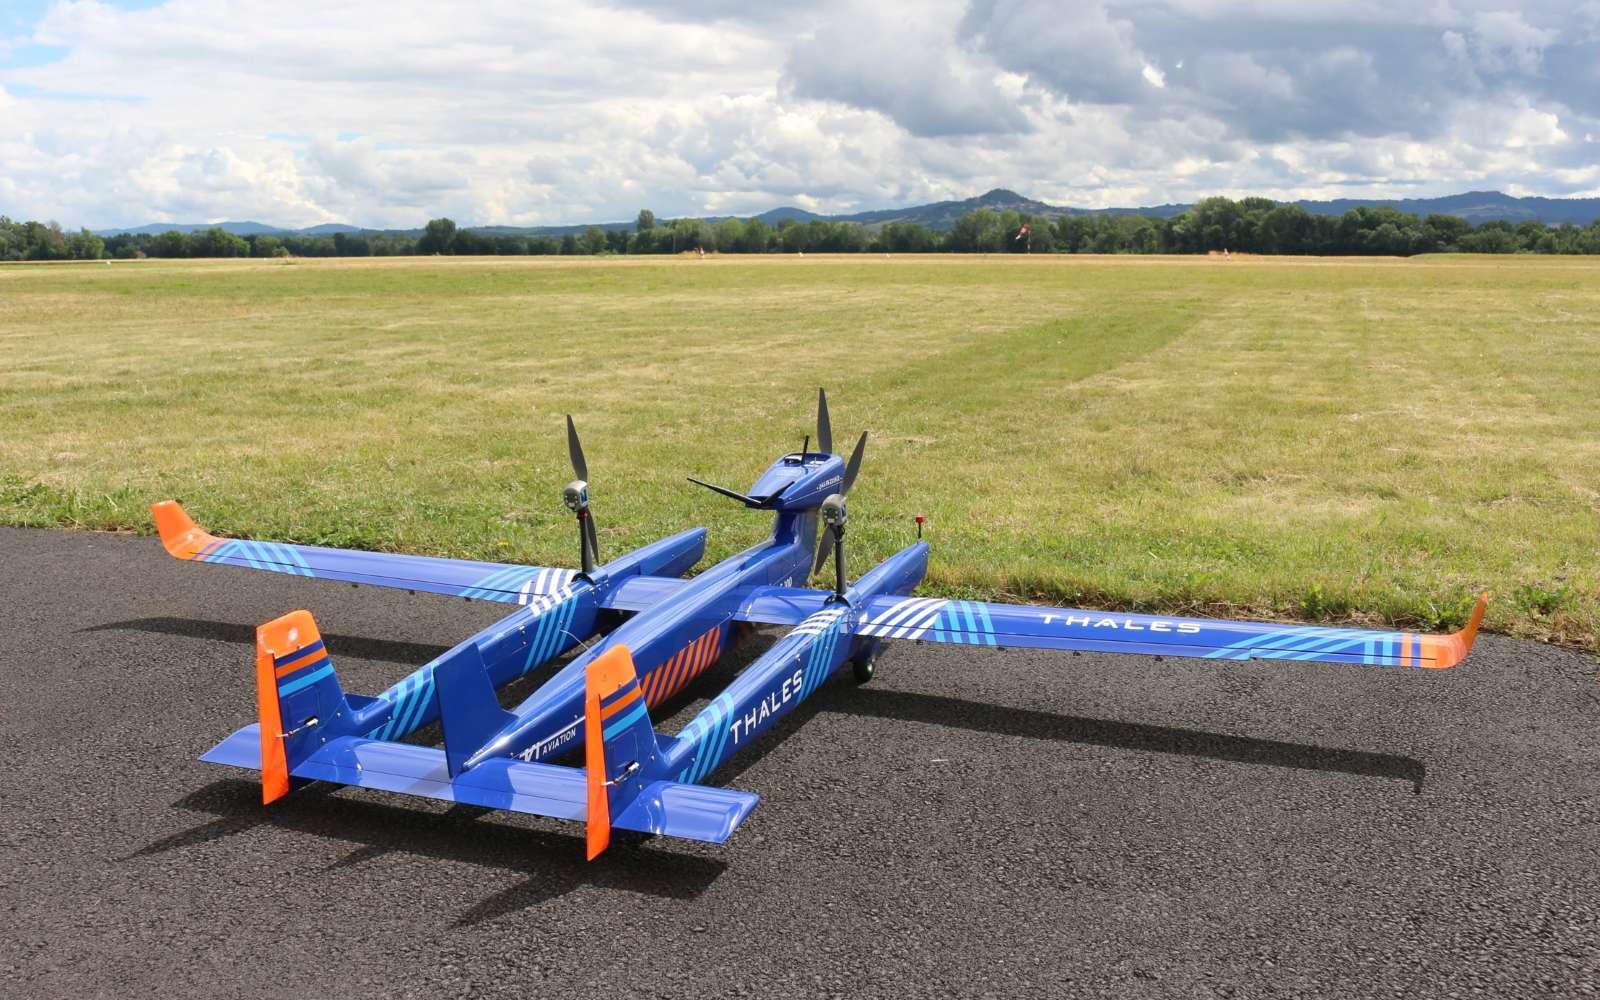 Un bel avion est un avion qui vole bien. Pour l'UAS, on ne peut pas dire que l'esthétisme soit sa première qualité. En revanche, il sera capable d'évoluer sur un rayon de 100 km avec ses motorisations électriques et thermique. © Thales